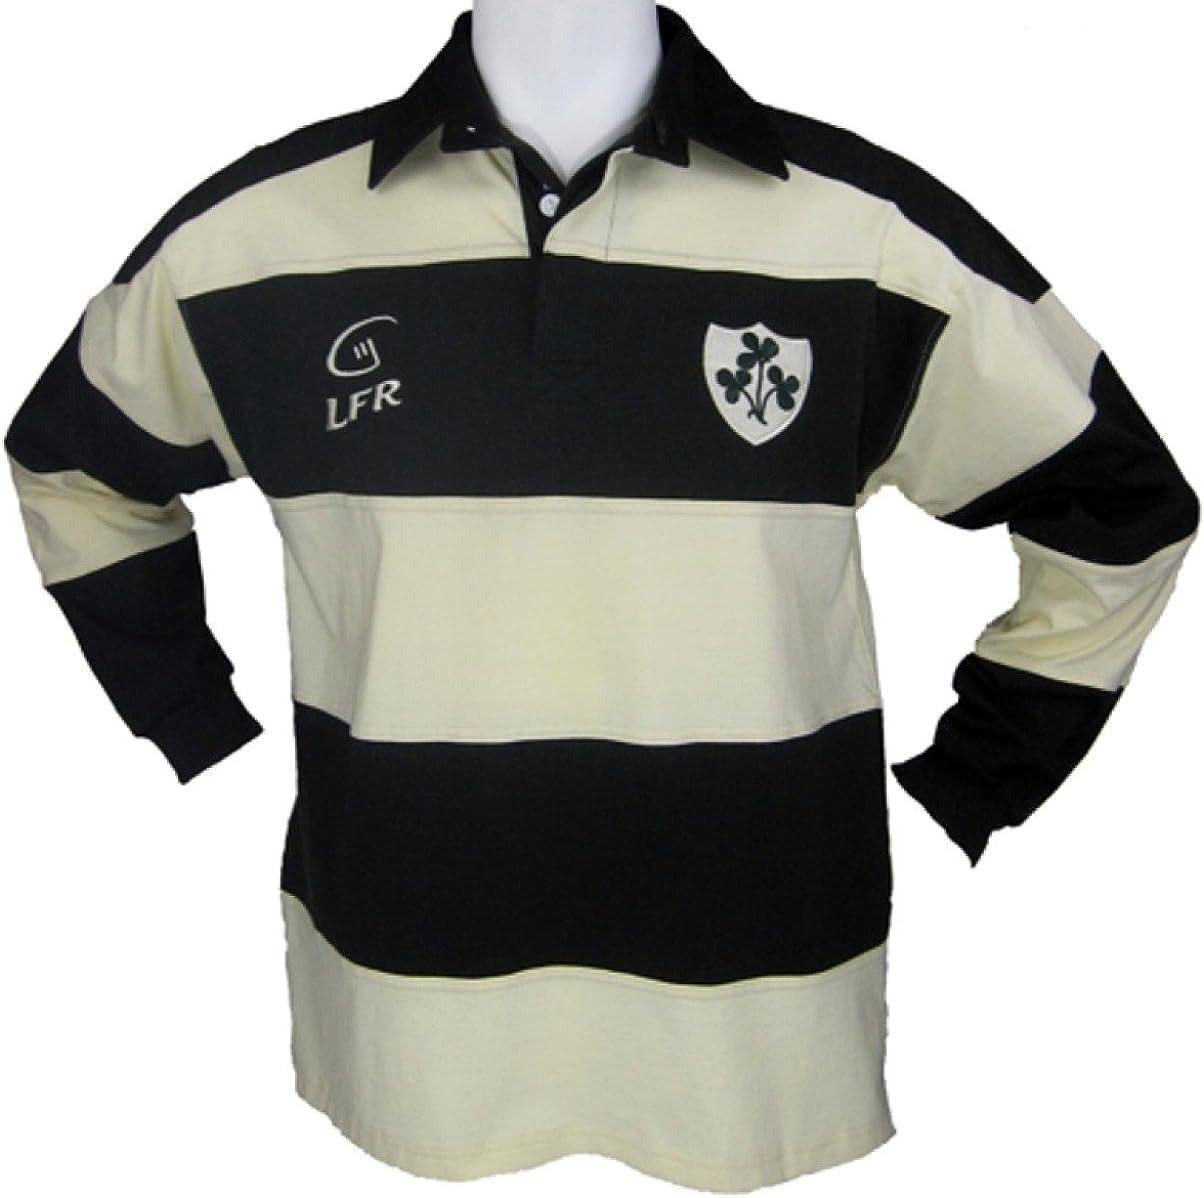 Irlanda Trébol bordado camisa de Rugby de manga larga blanco Cream/Olive XXL: Amazon.es: Ropa y accesorios